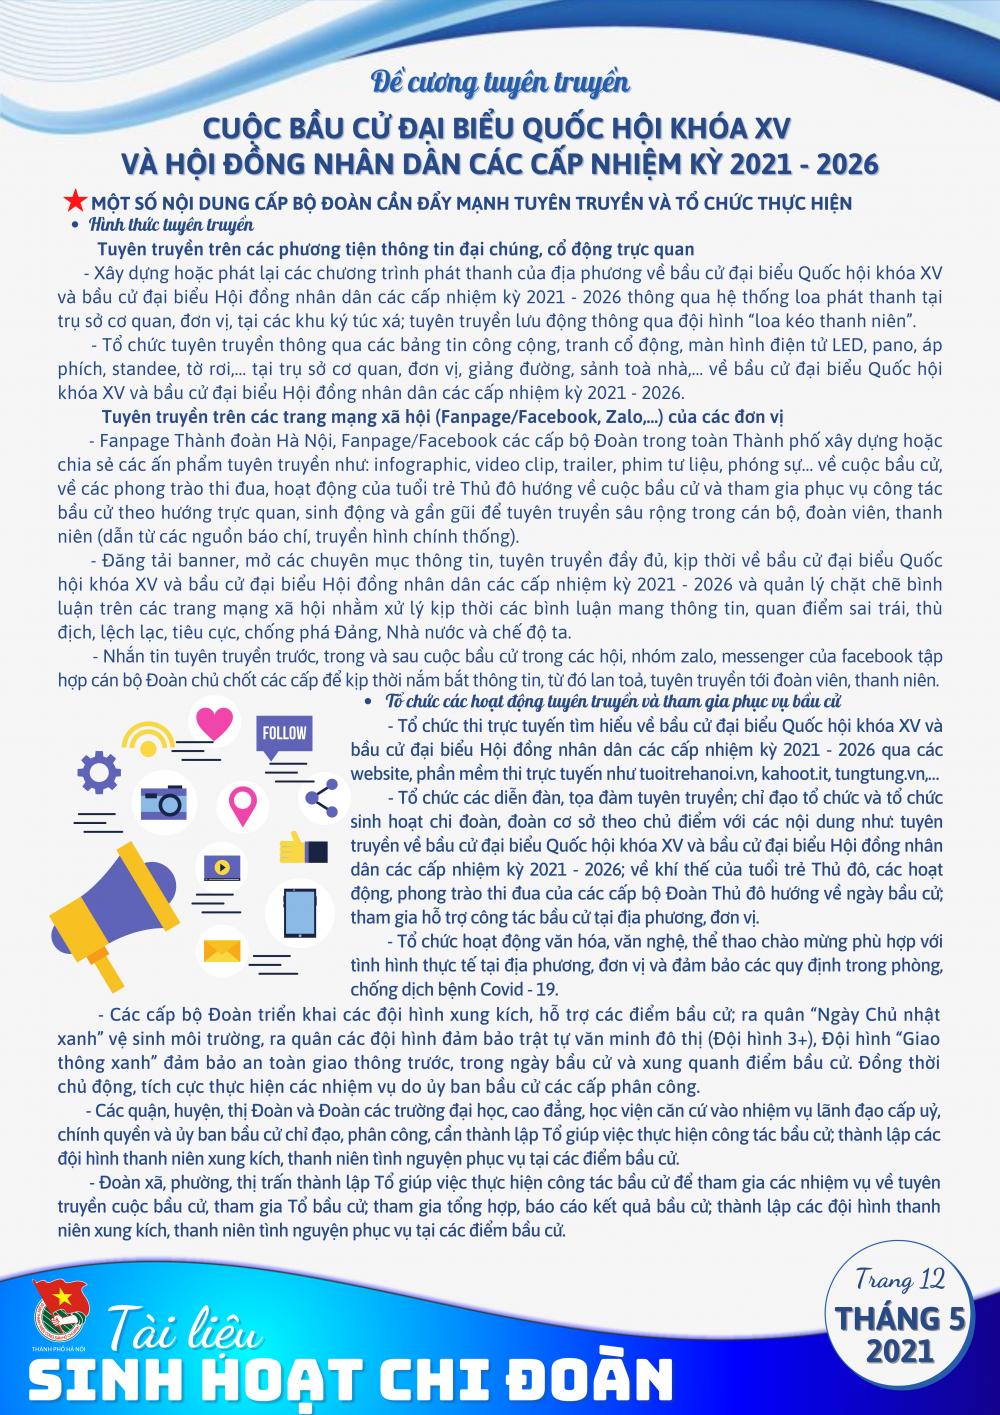 Thành đoàn Hà Nội phát hành tài liệu sinh hoạt chi đoàn chủ đề